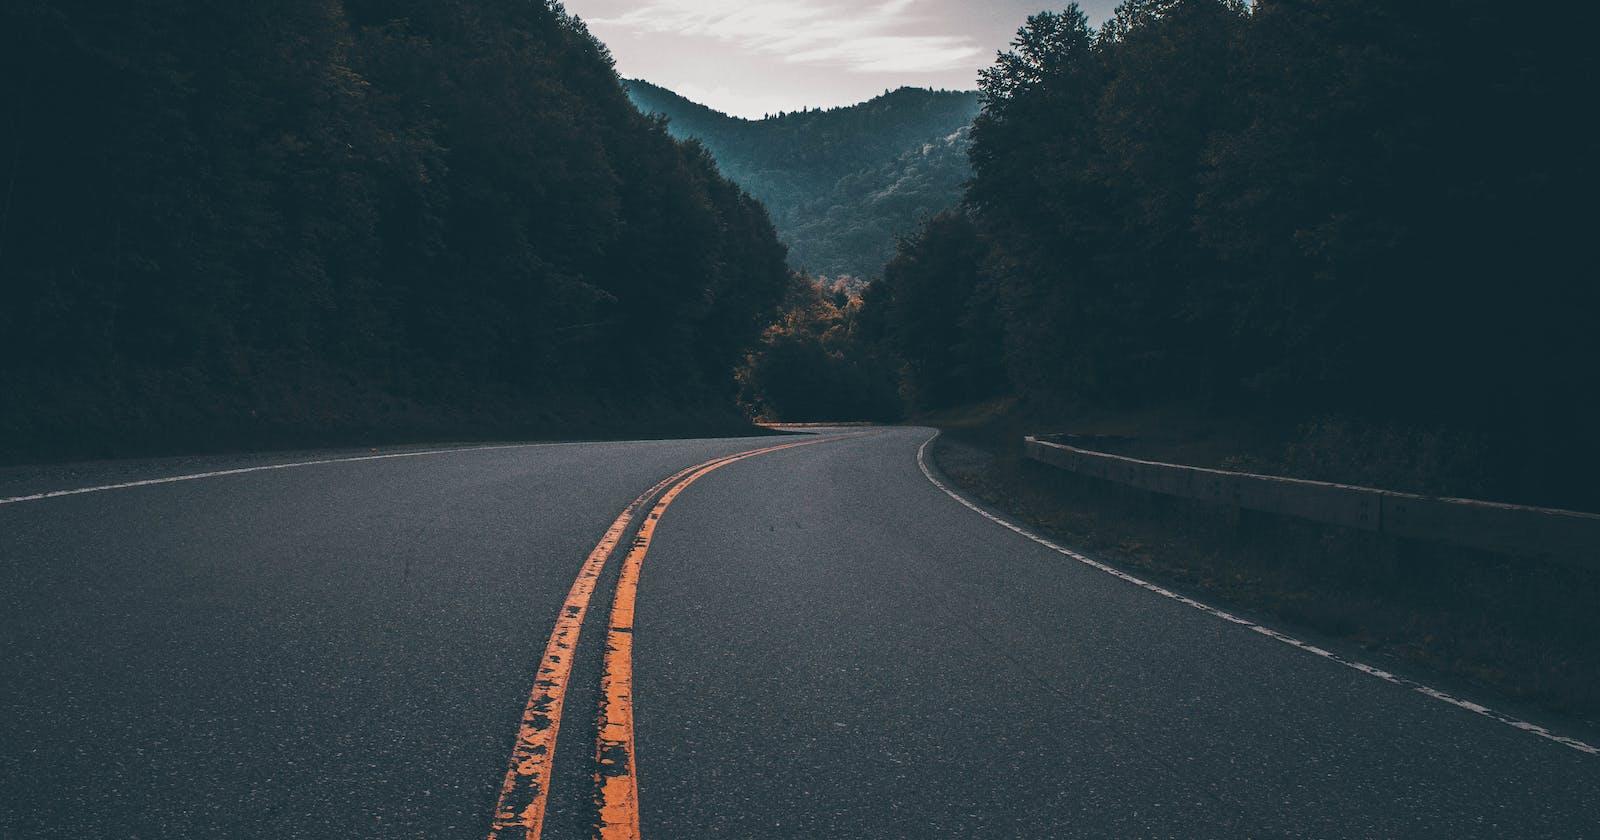 Web Developer Roadmap for 2021